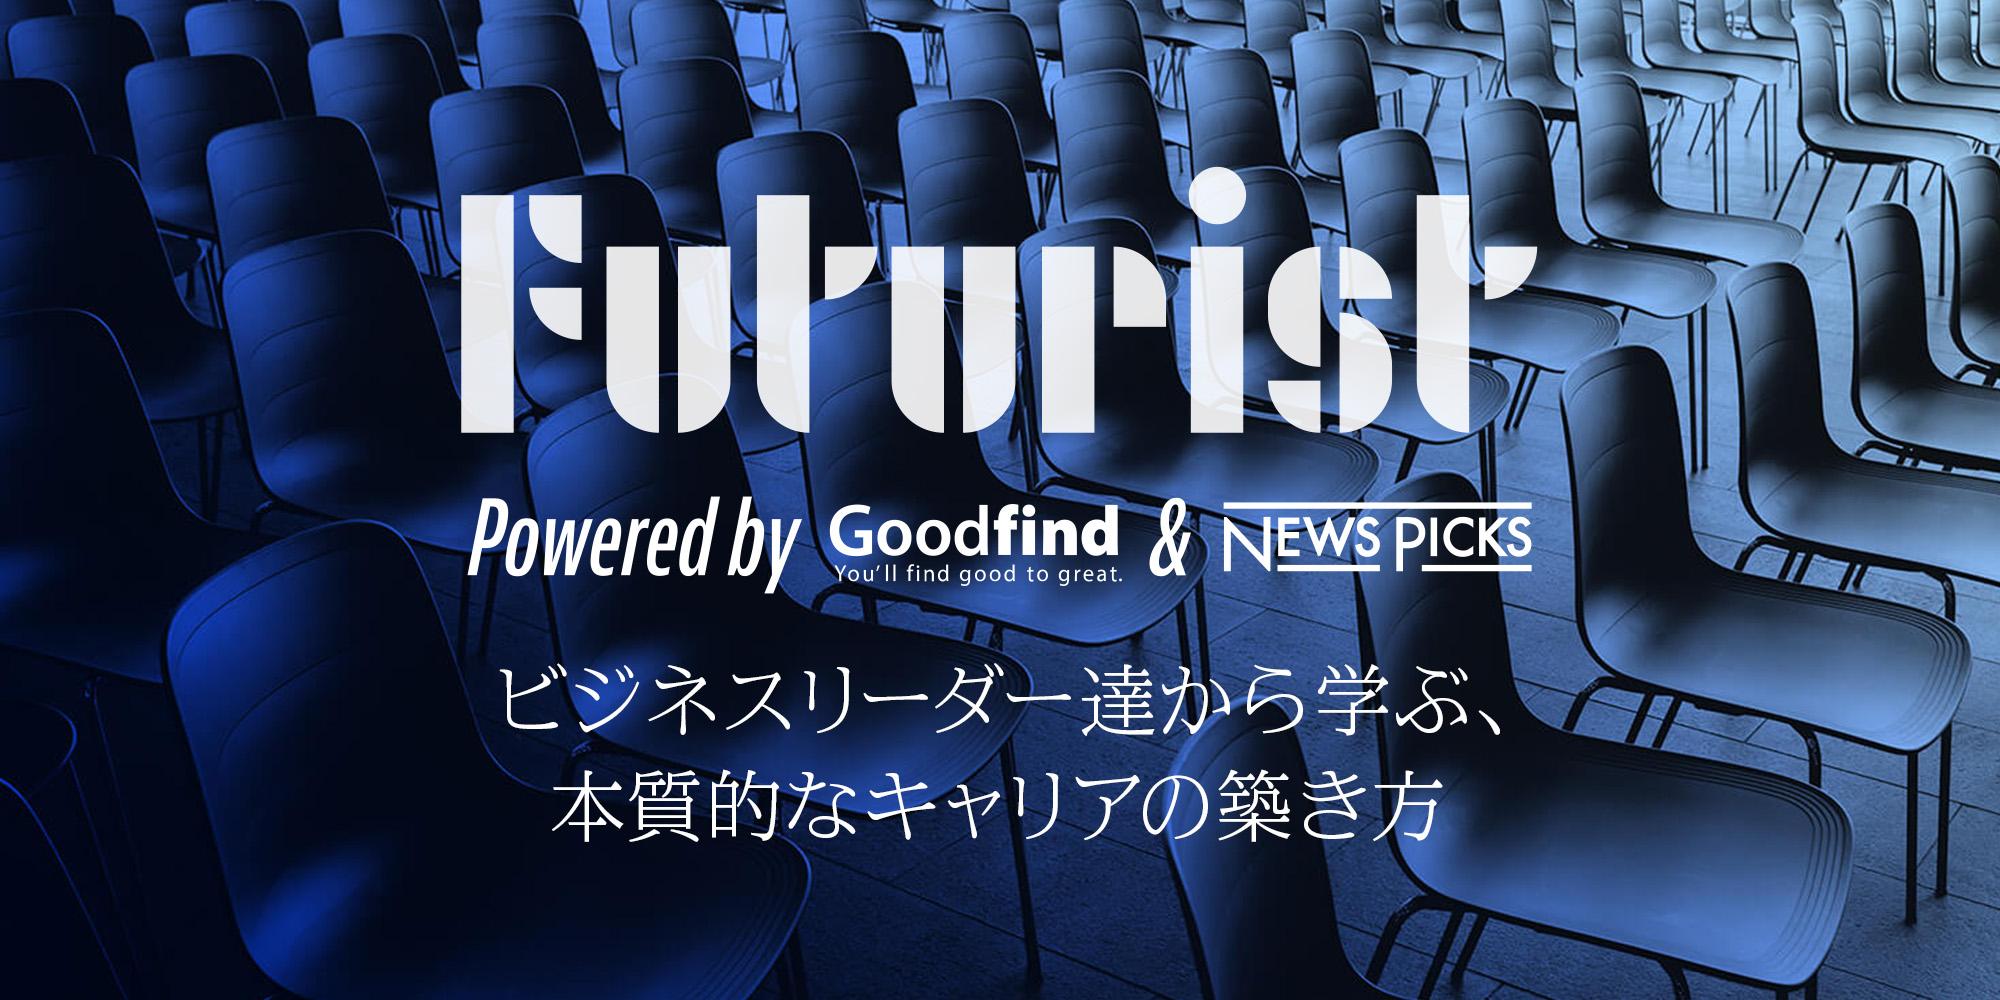 共同企画イベント「Futurist」バナー